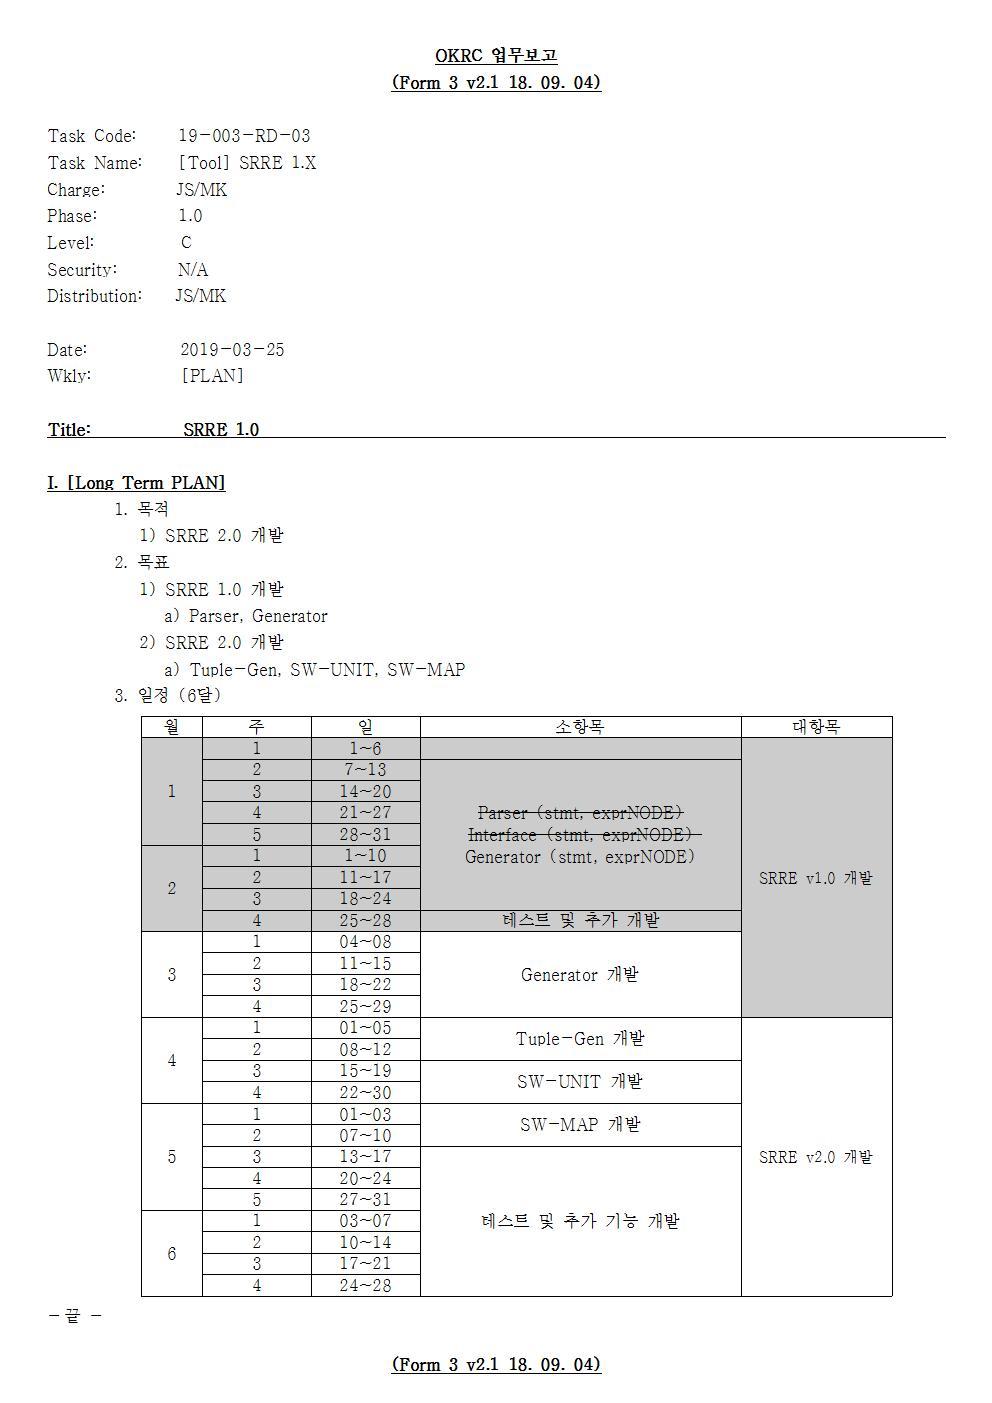 D-[19-003-RD-03]-[Tool-SRRE-1.X]-[2019-03-25][JS]001.jpg